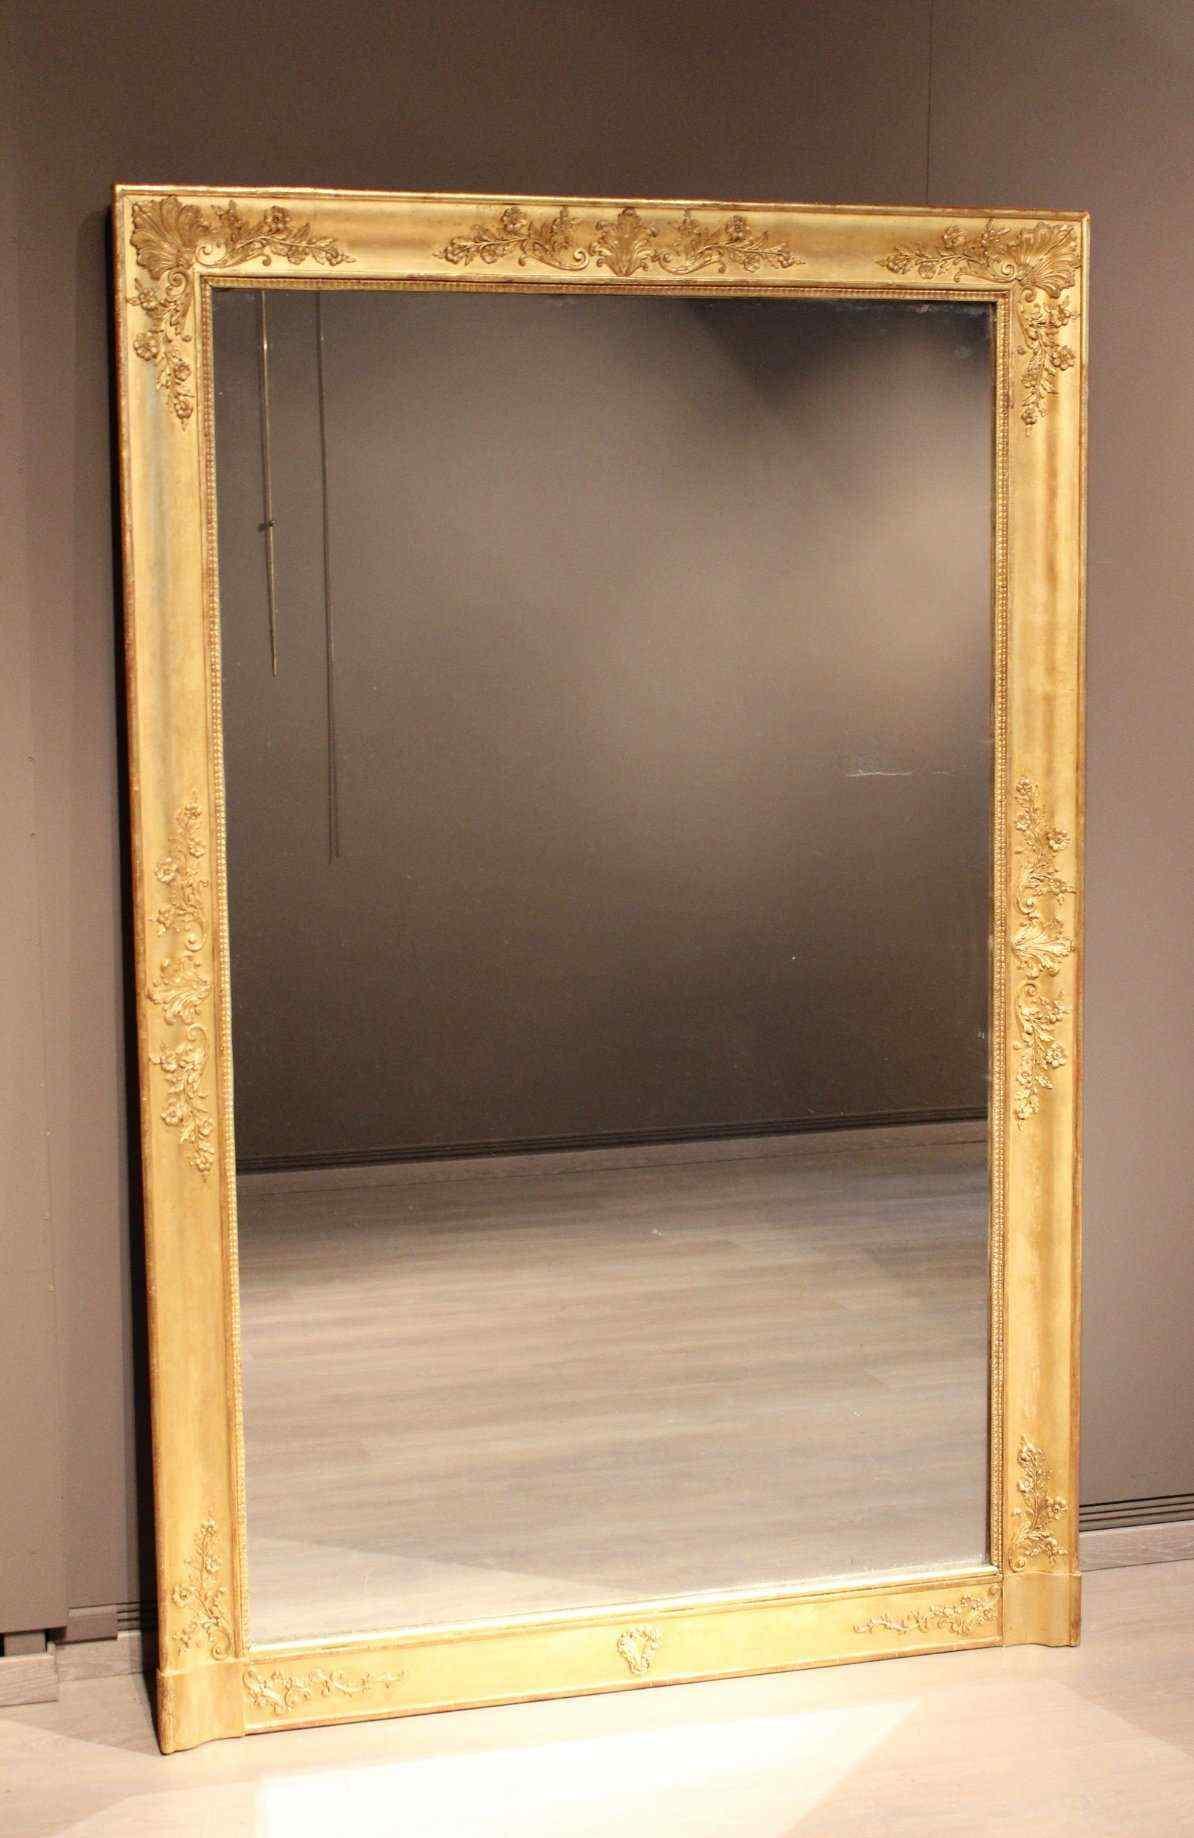 Miroir d'époque Restauration